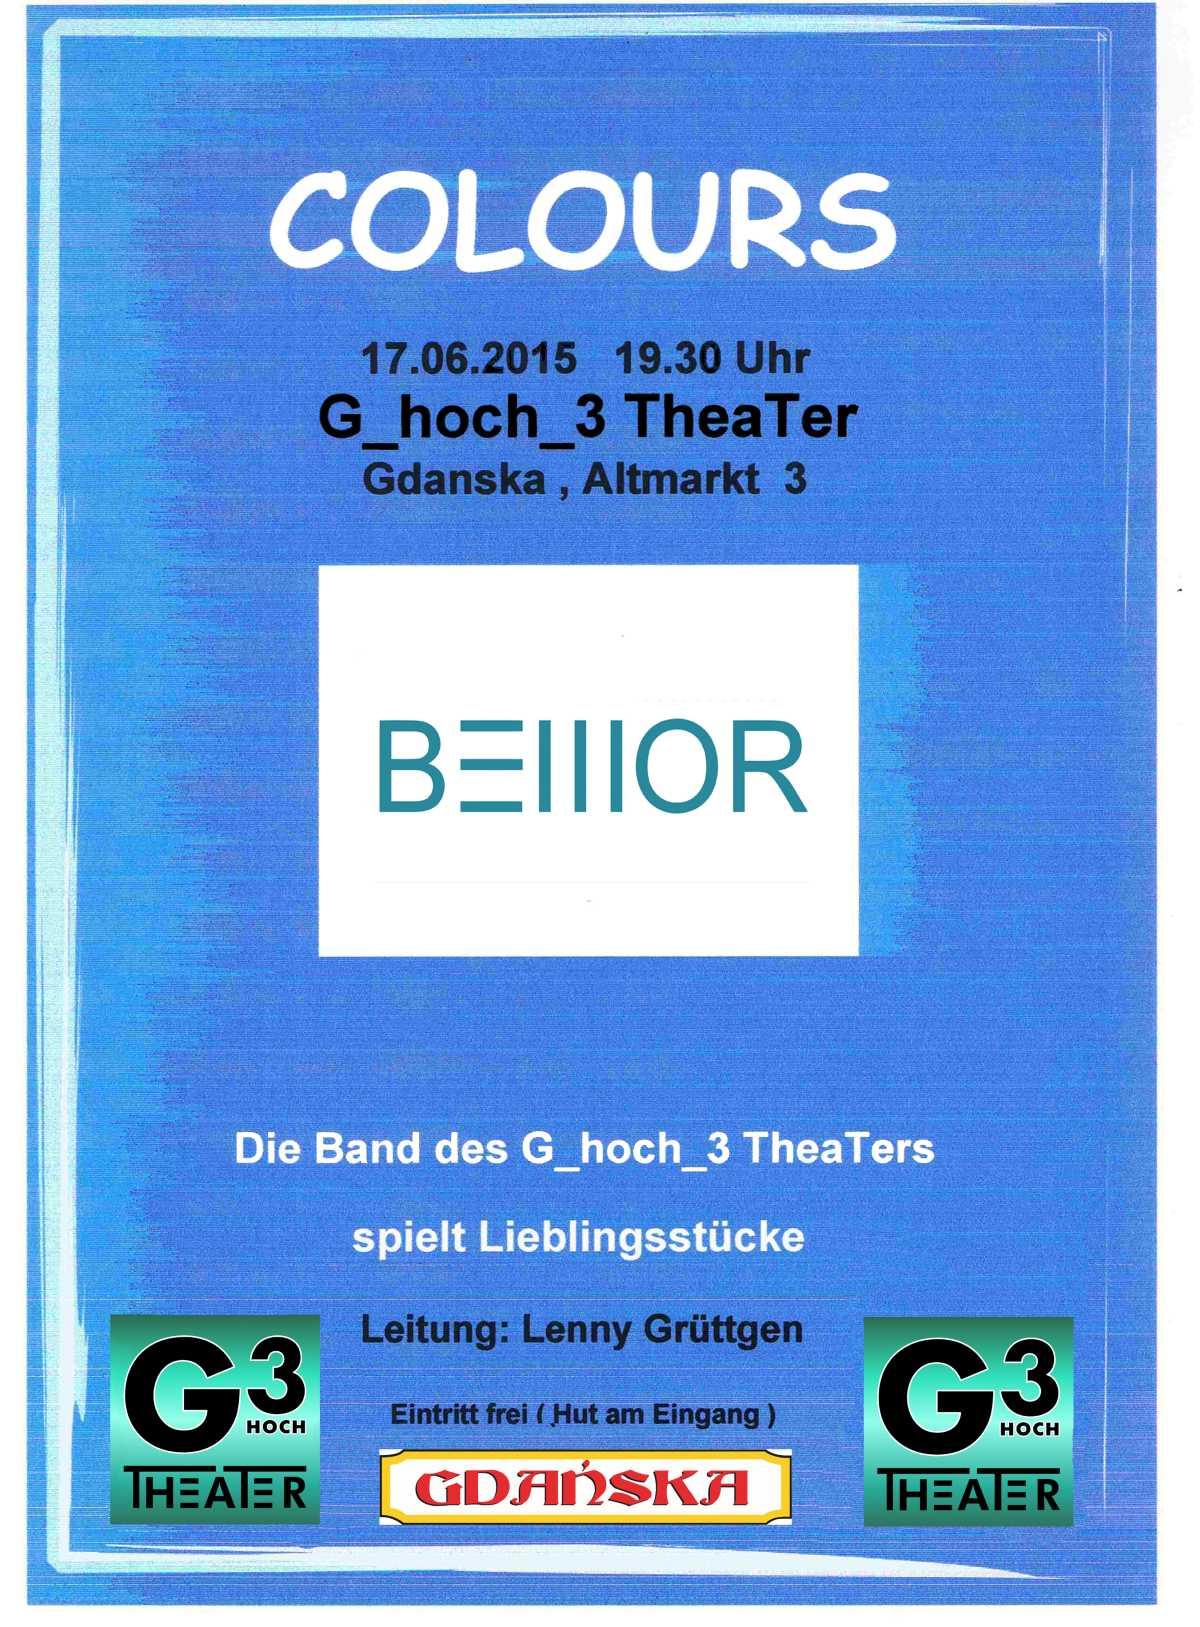 Colours die 5 003 - gültig